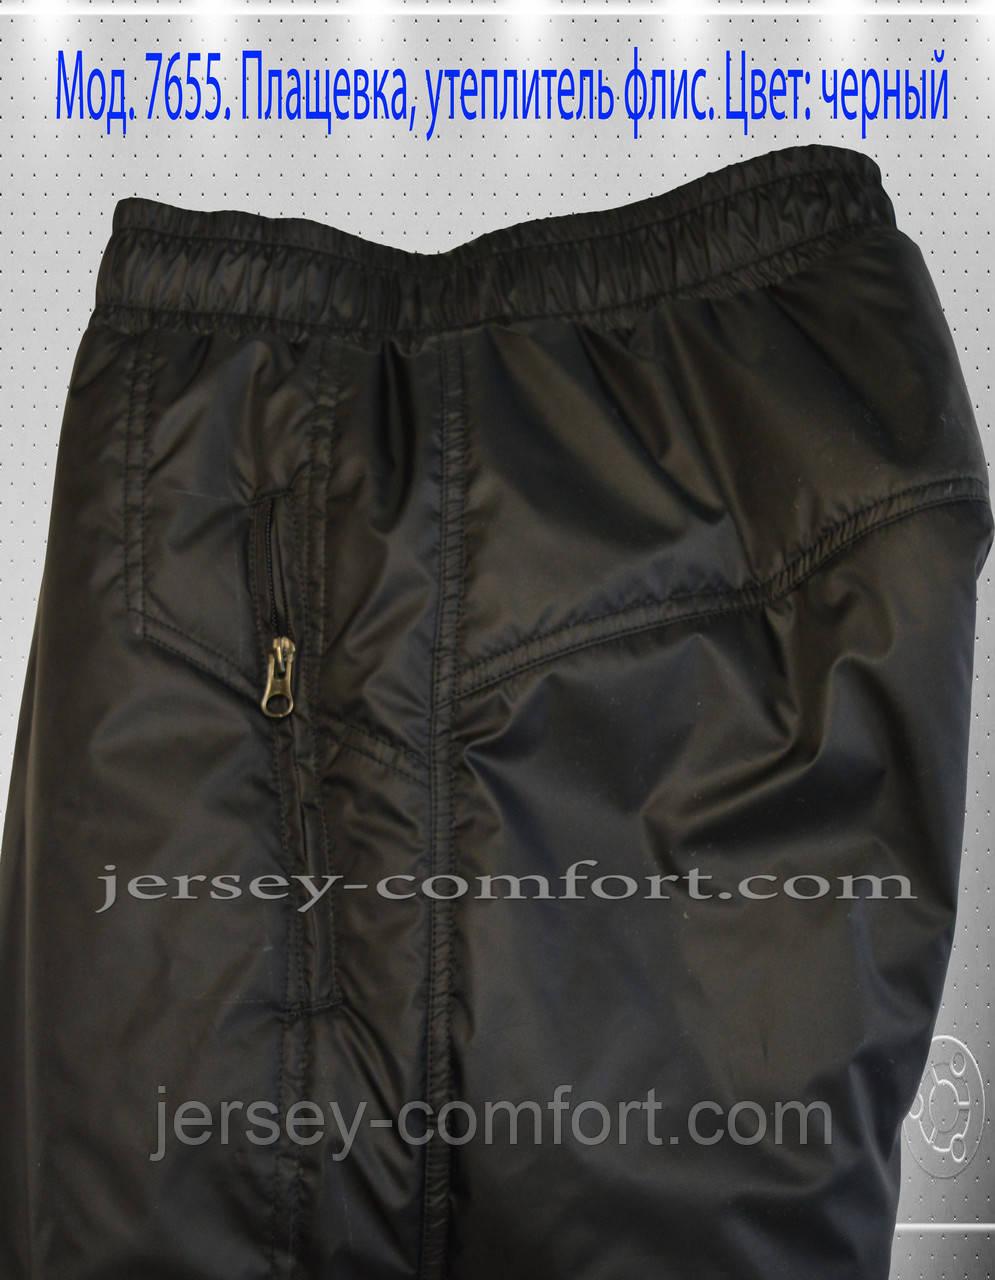 Спортивные брюки зимние  мужские утепленные, плащевка (флис)